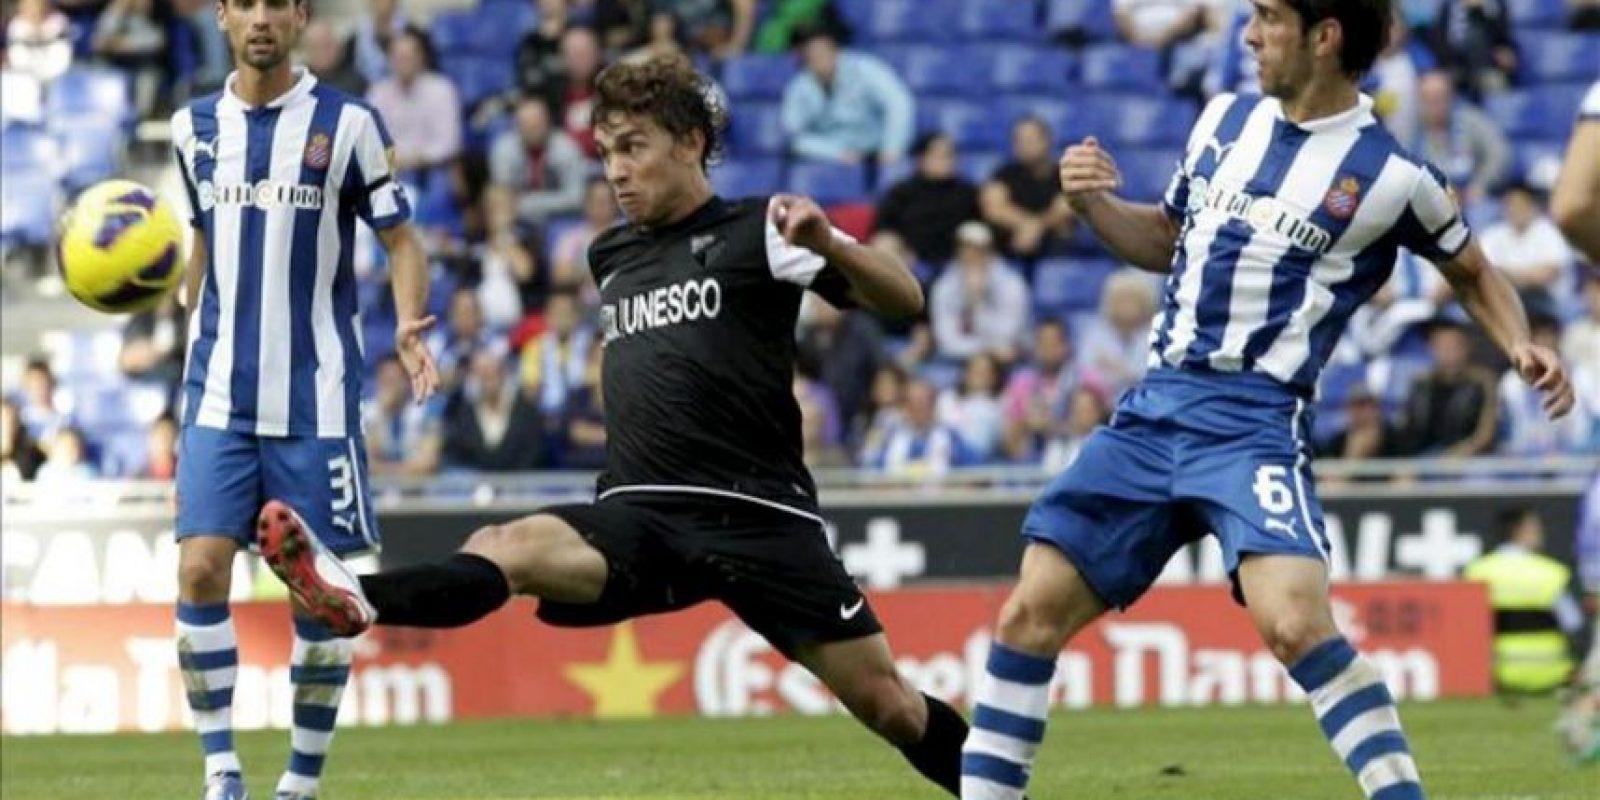 El centrocampista argentino del Espanyol Juan Daniel Forlín (d) presiona al centrocampista chileno del Málaga Manuel Iturra (c), durante el partido correspondiente a la novena jornada de la Liga de Primera División disputado en el estadio Cornellà-El Prat. EFE